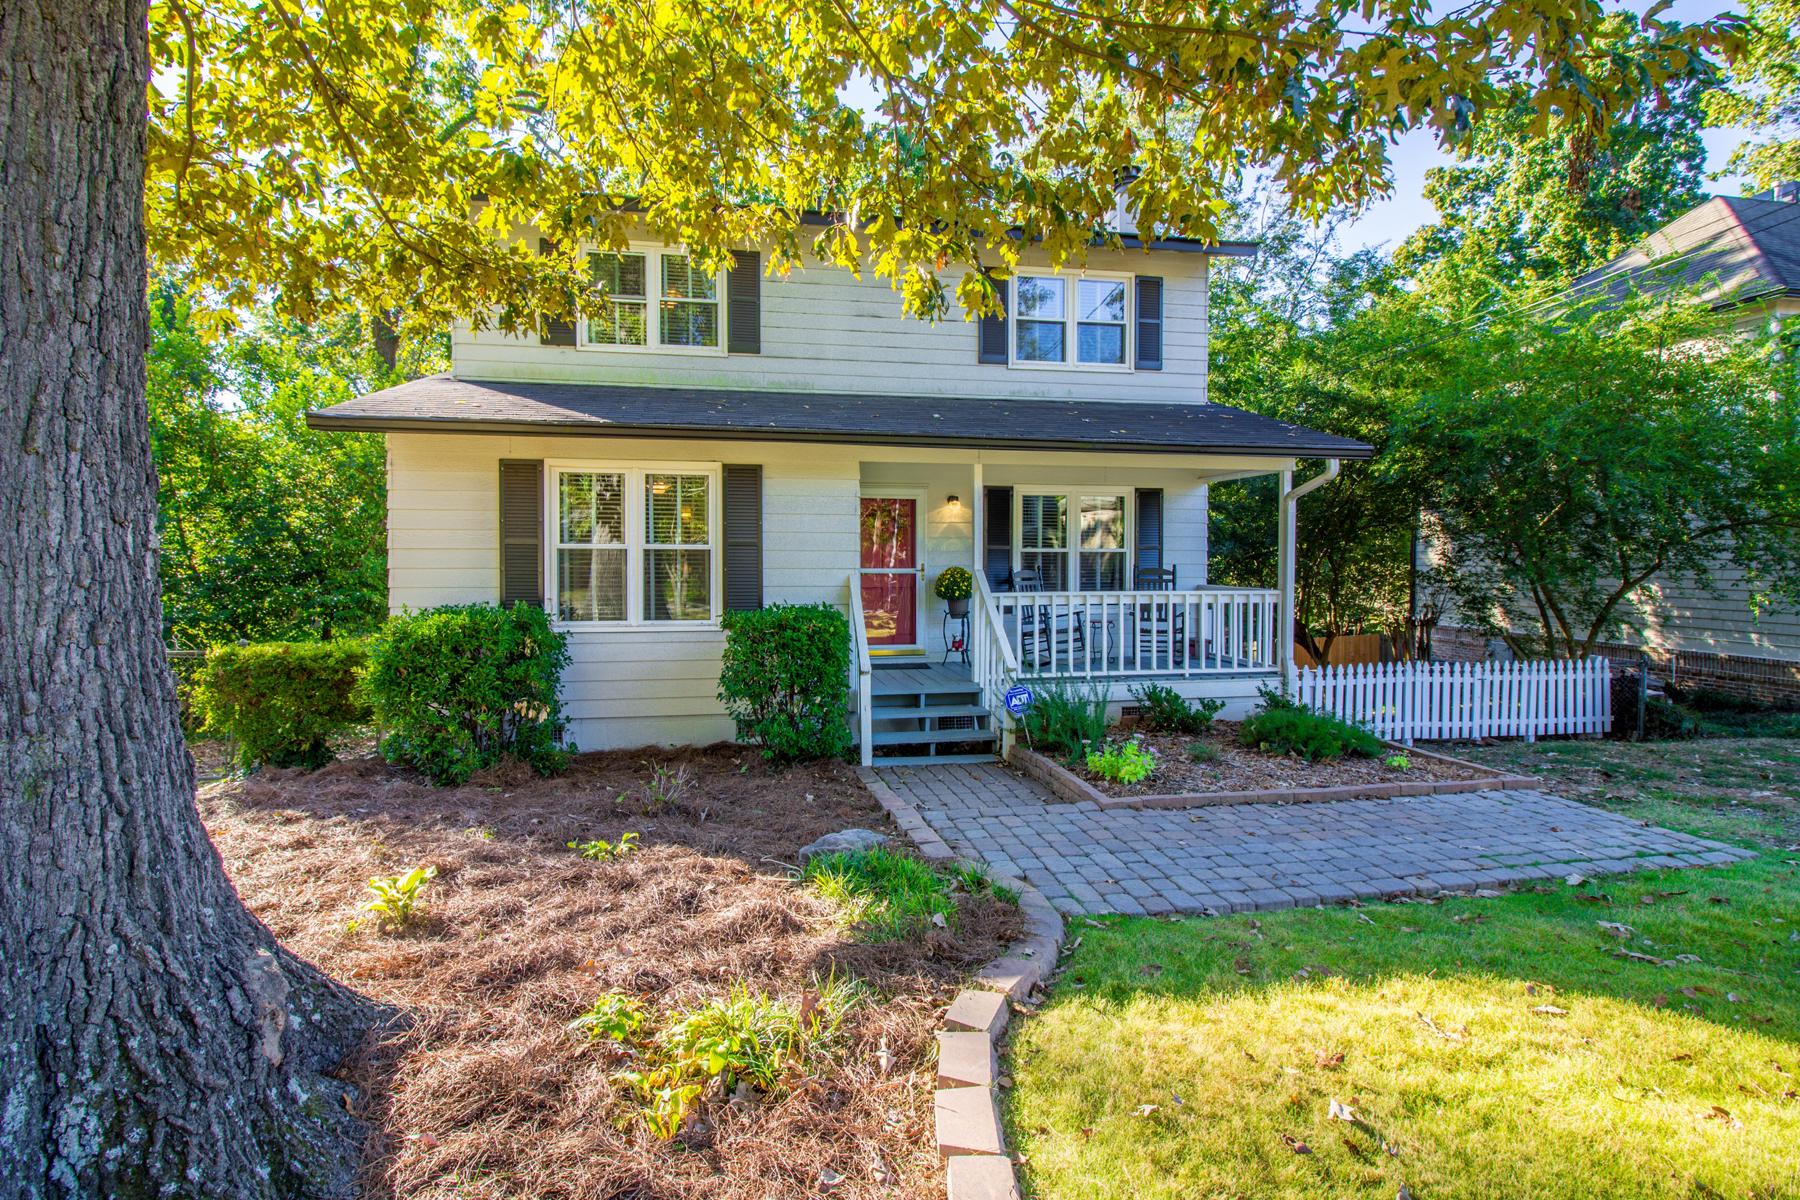 Einfamilienhaus für Verkauf beim Charming And Spacious Bungalow In Brookhaven 1799 Georgian Terrace Ashford Park, Atlanta, Georgia, 30341 Vereinigte Staaten